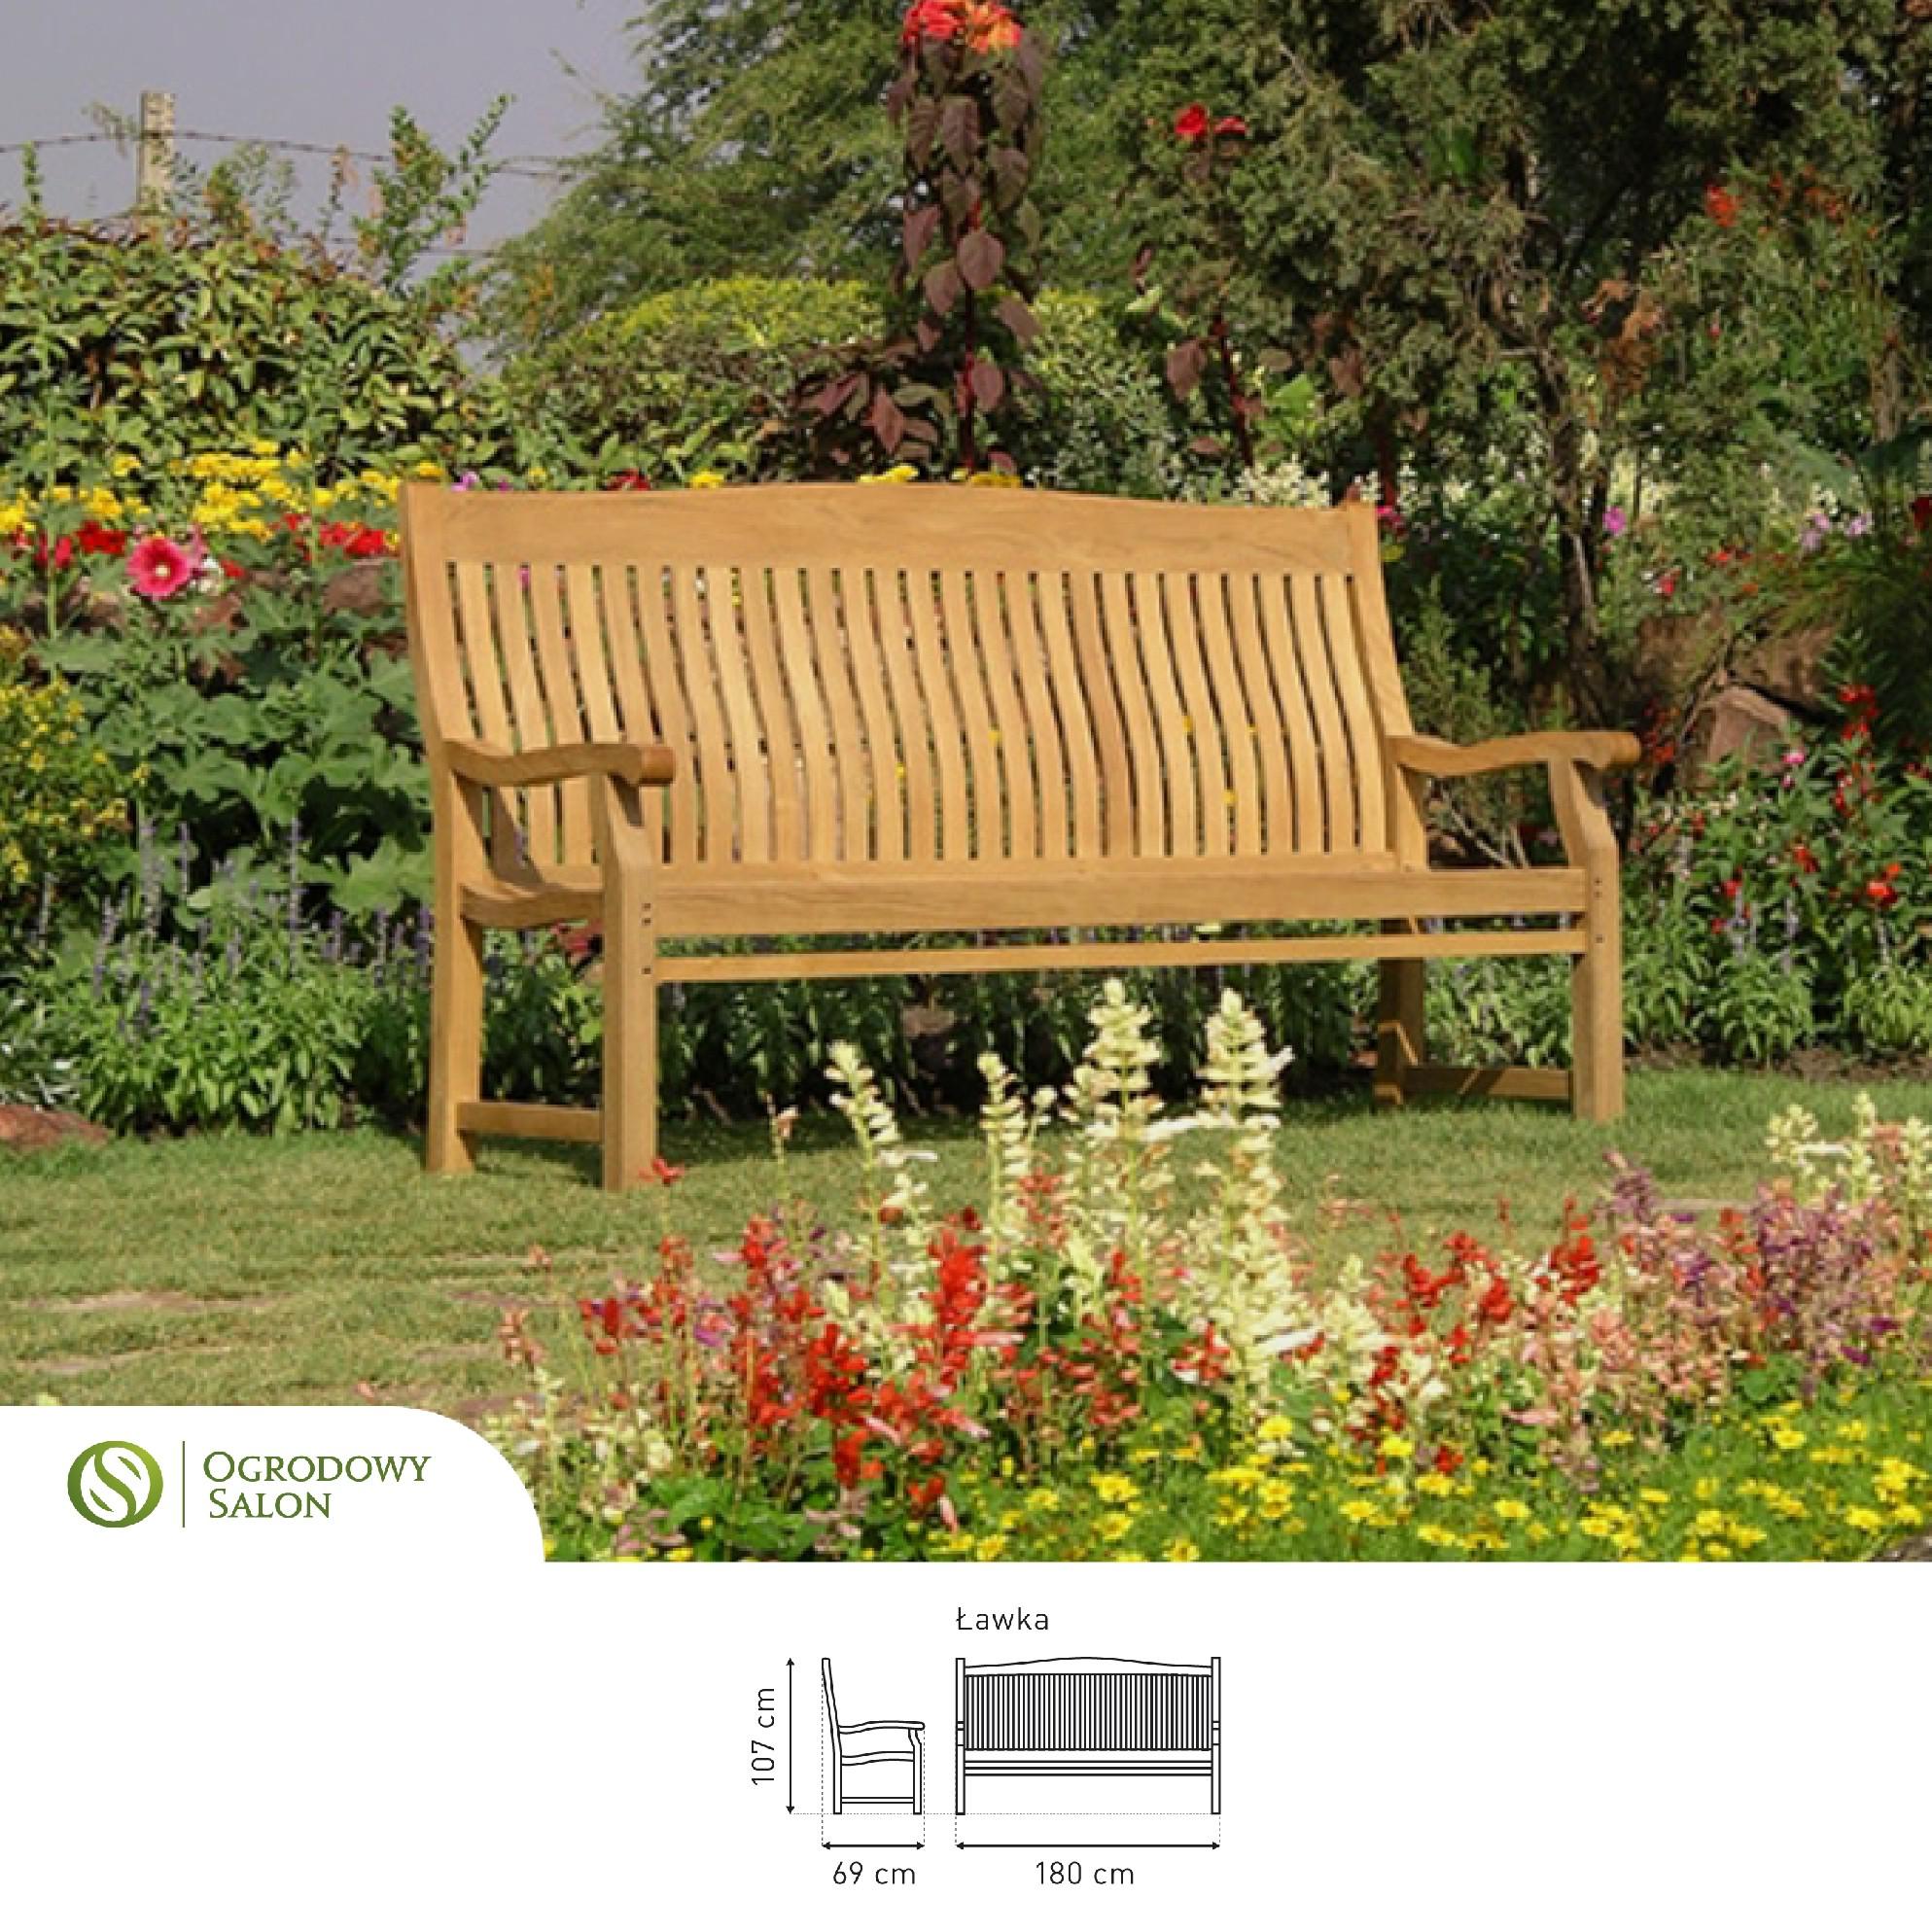 Zahradní dřevěná lavice TEAK 180 cm: TEAK